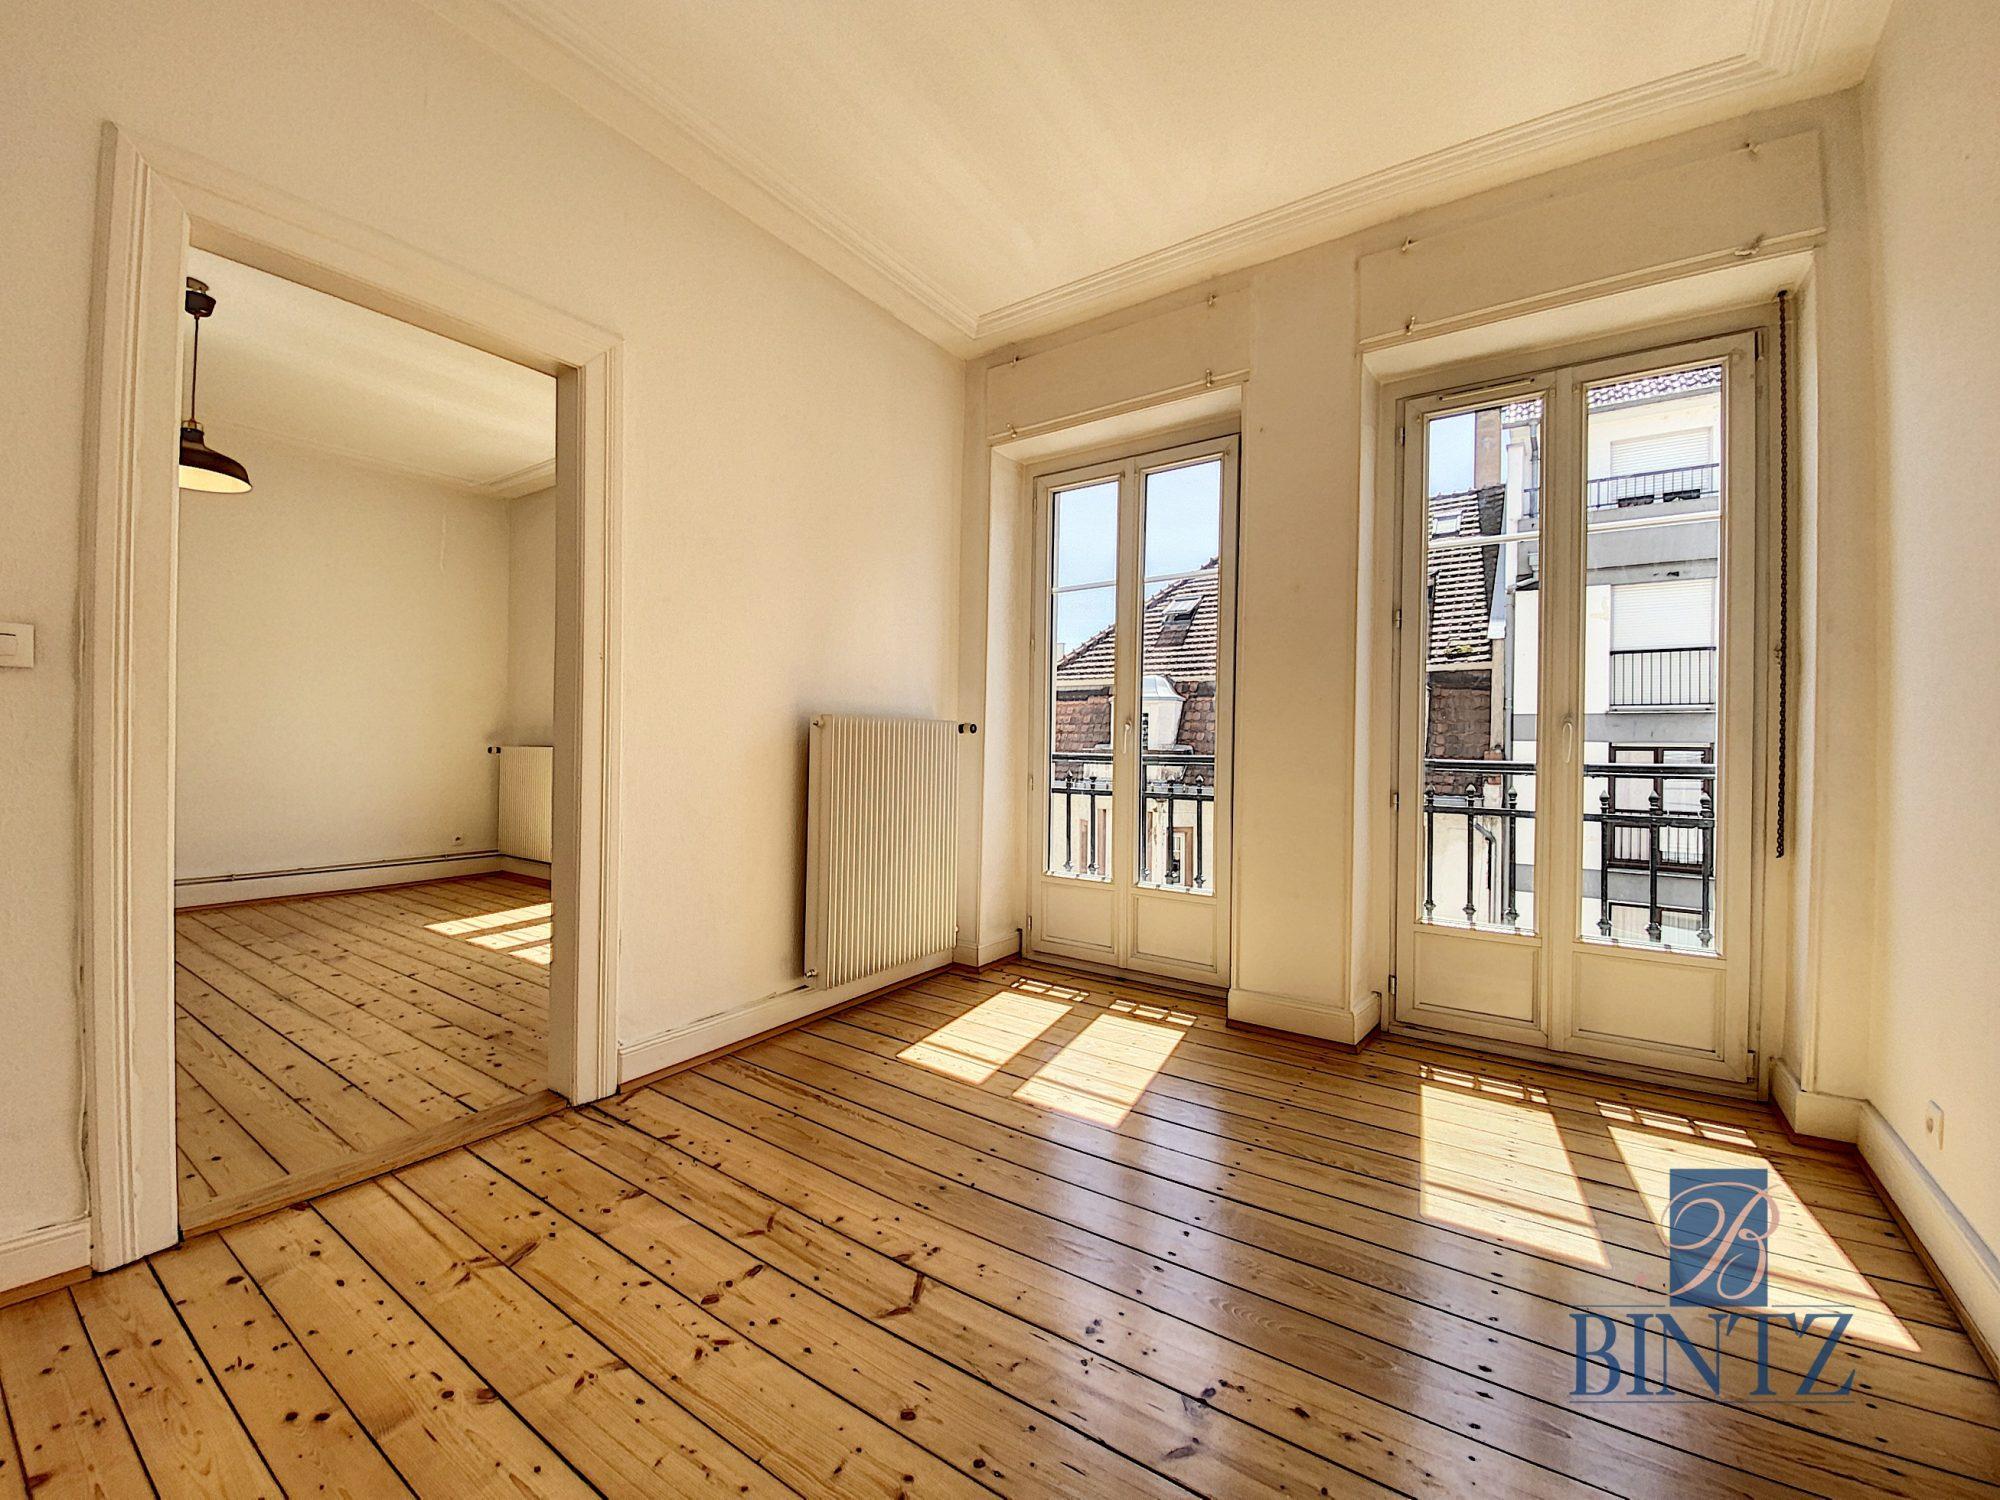 2 PIÈCES NEUDORF - Devenez locataire en toute sérénité - Bintz Immobilier - 15